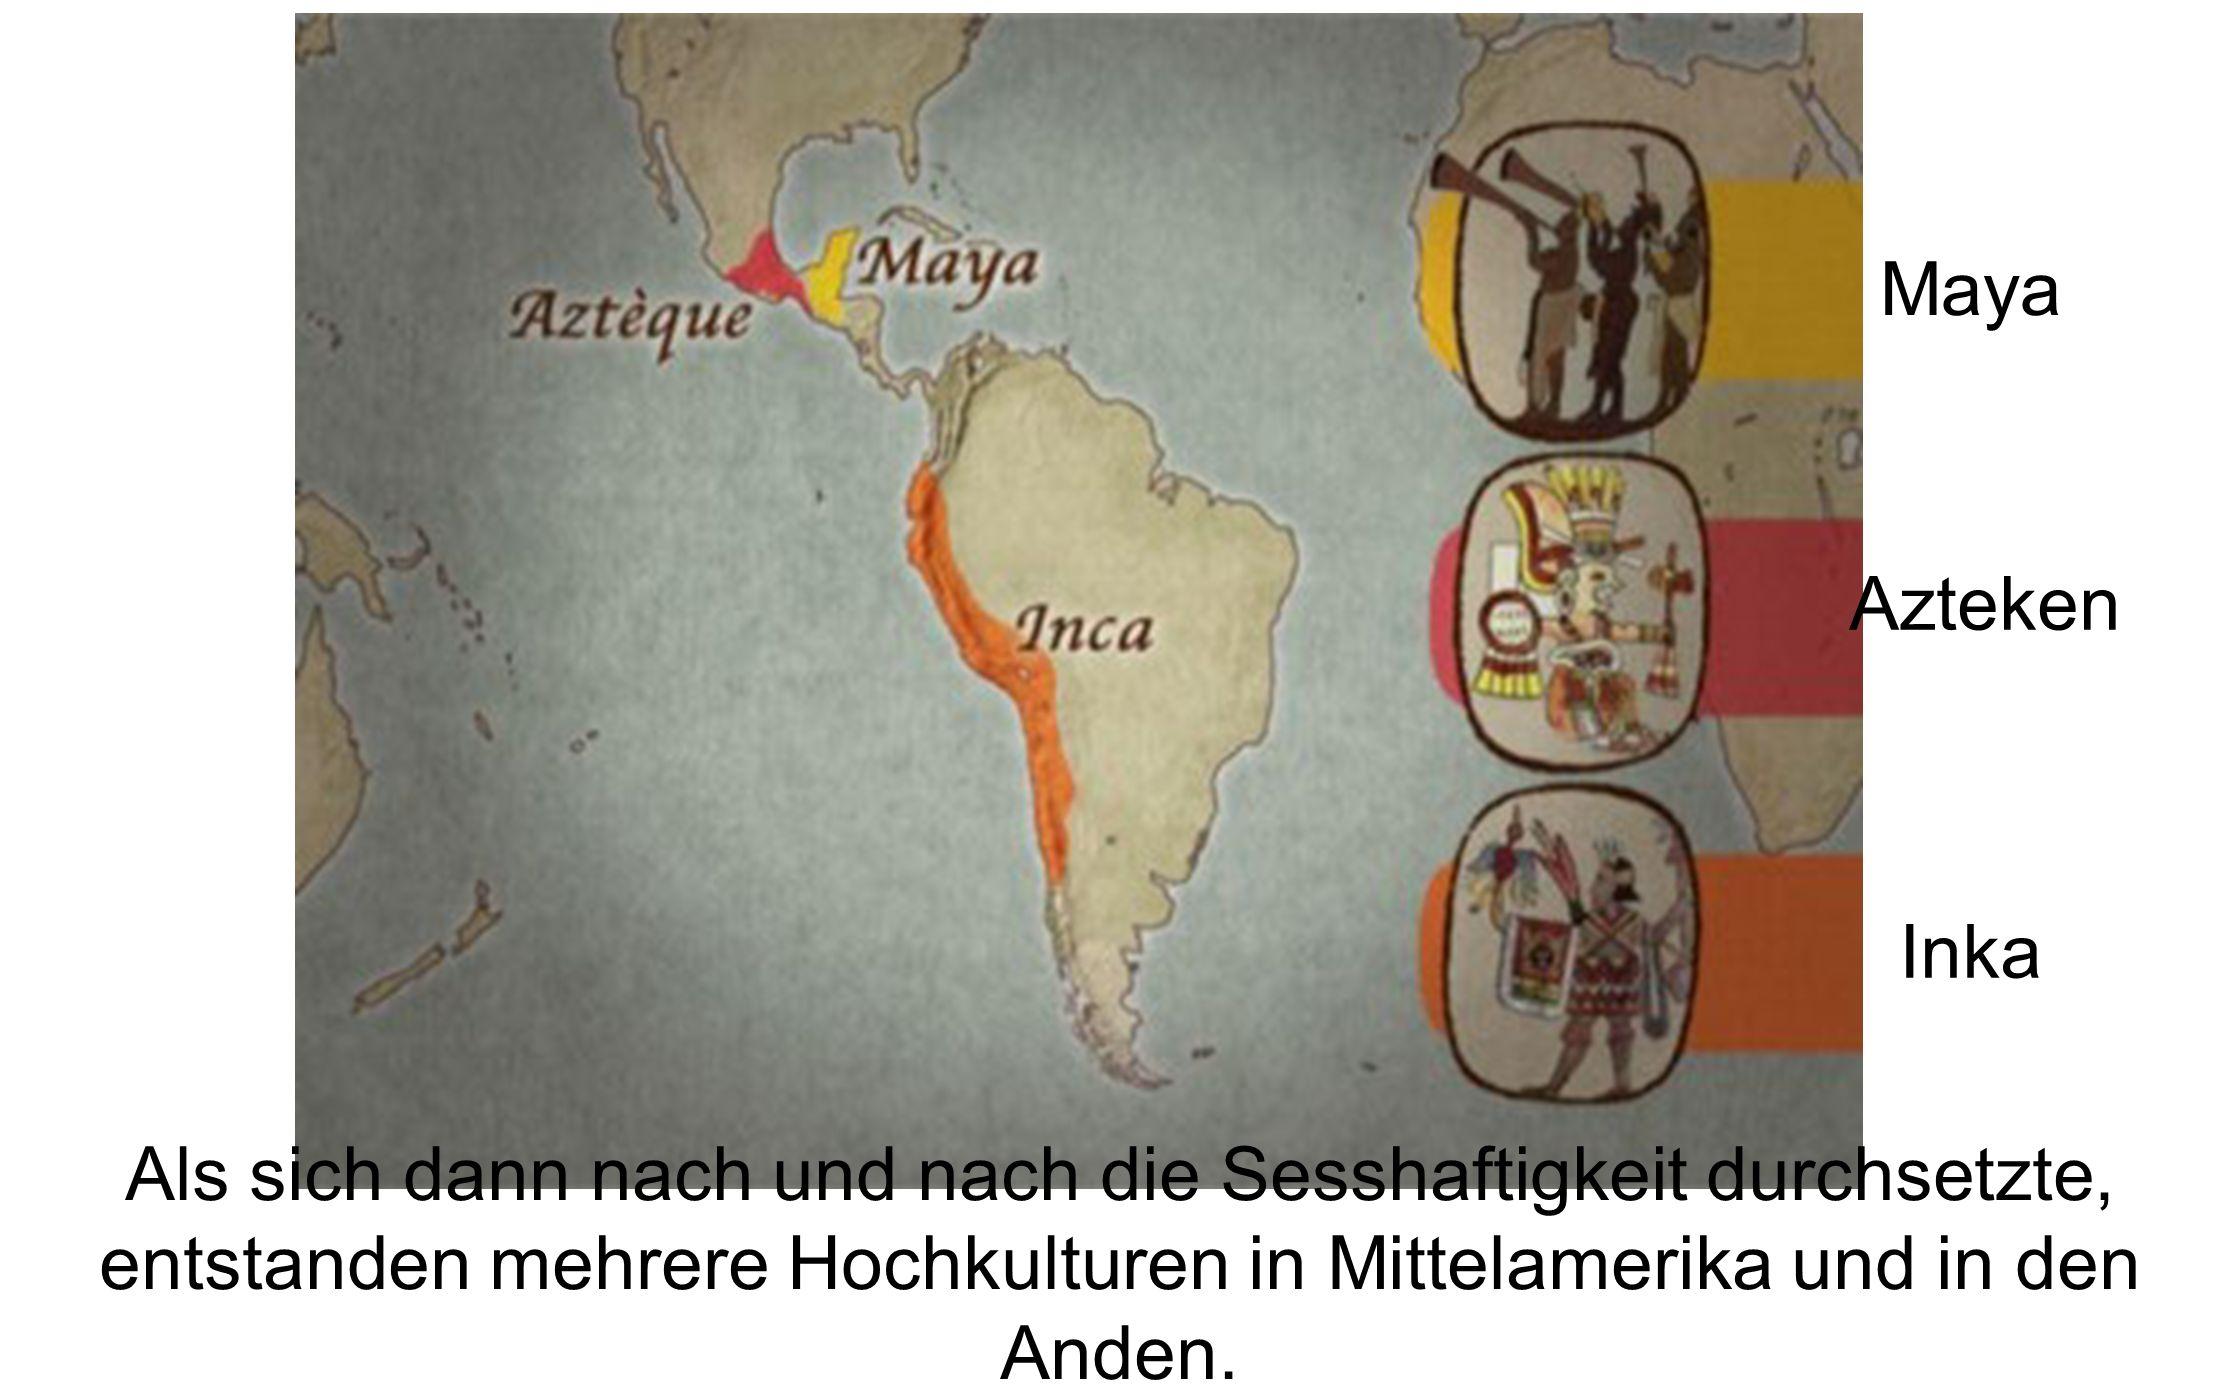 Maya Azteken. Inka.